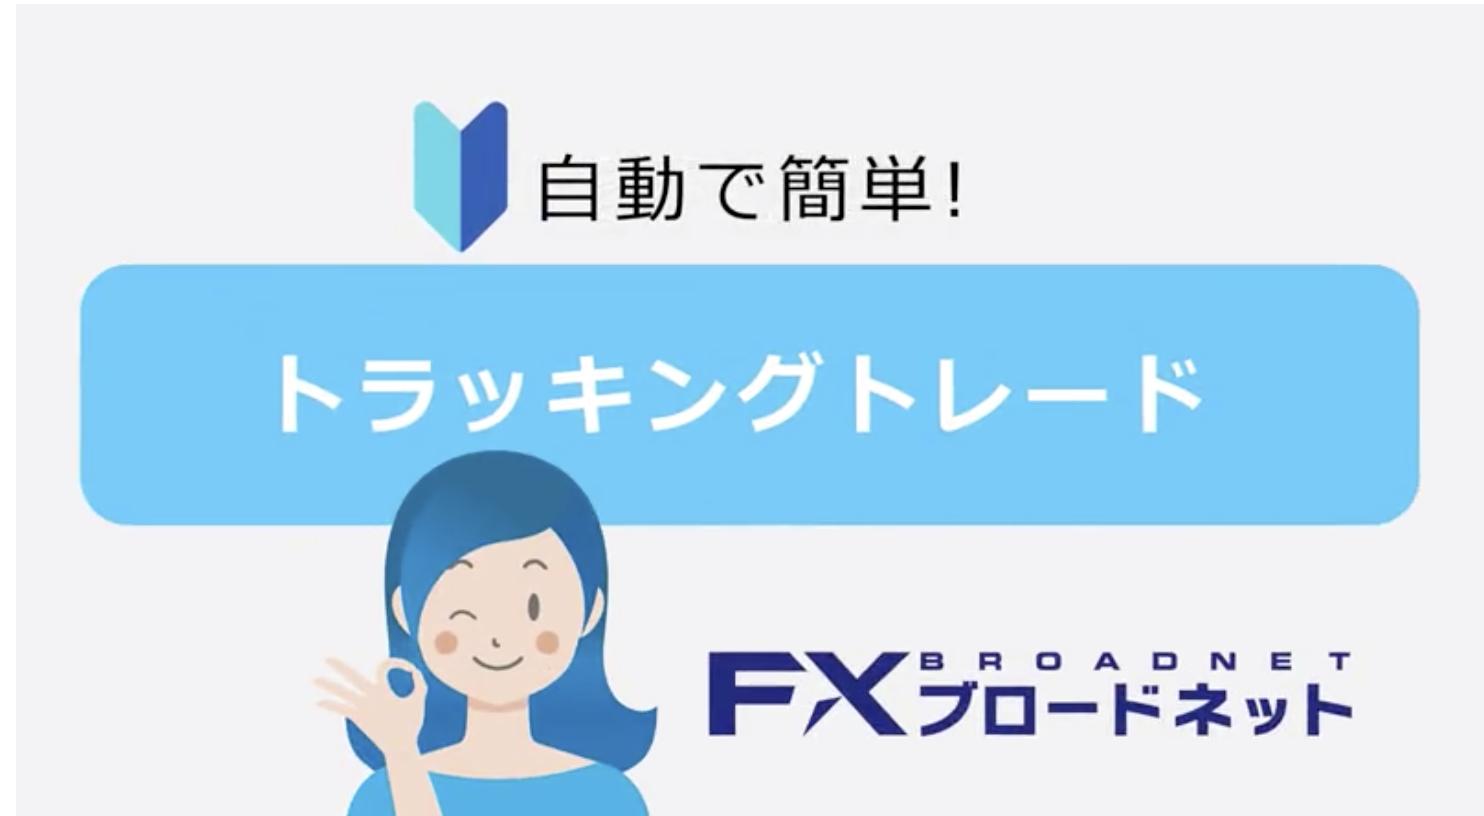 FXの自動売買を利用できる